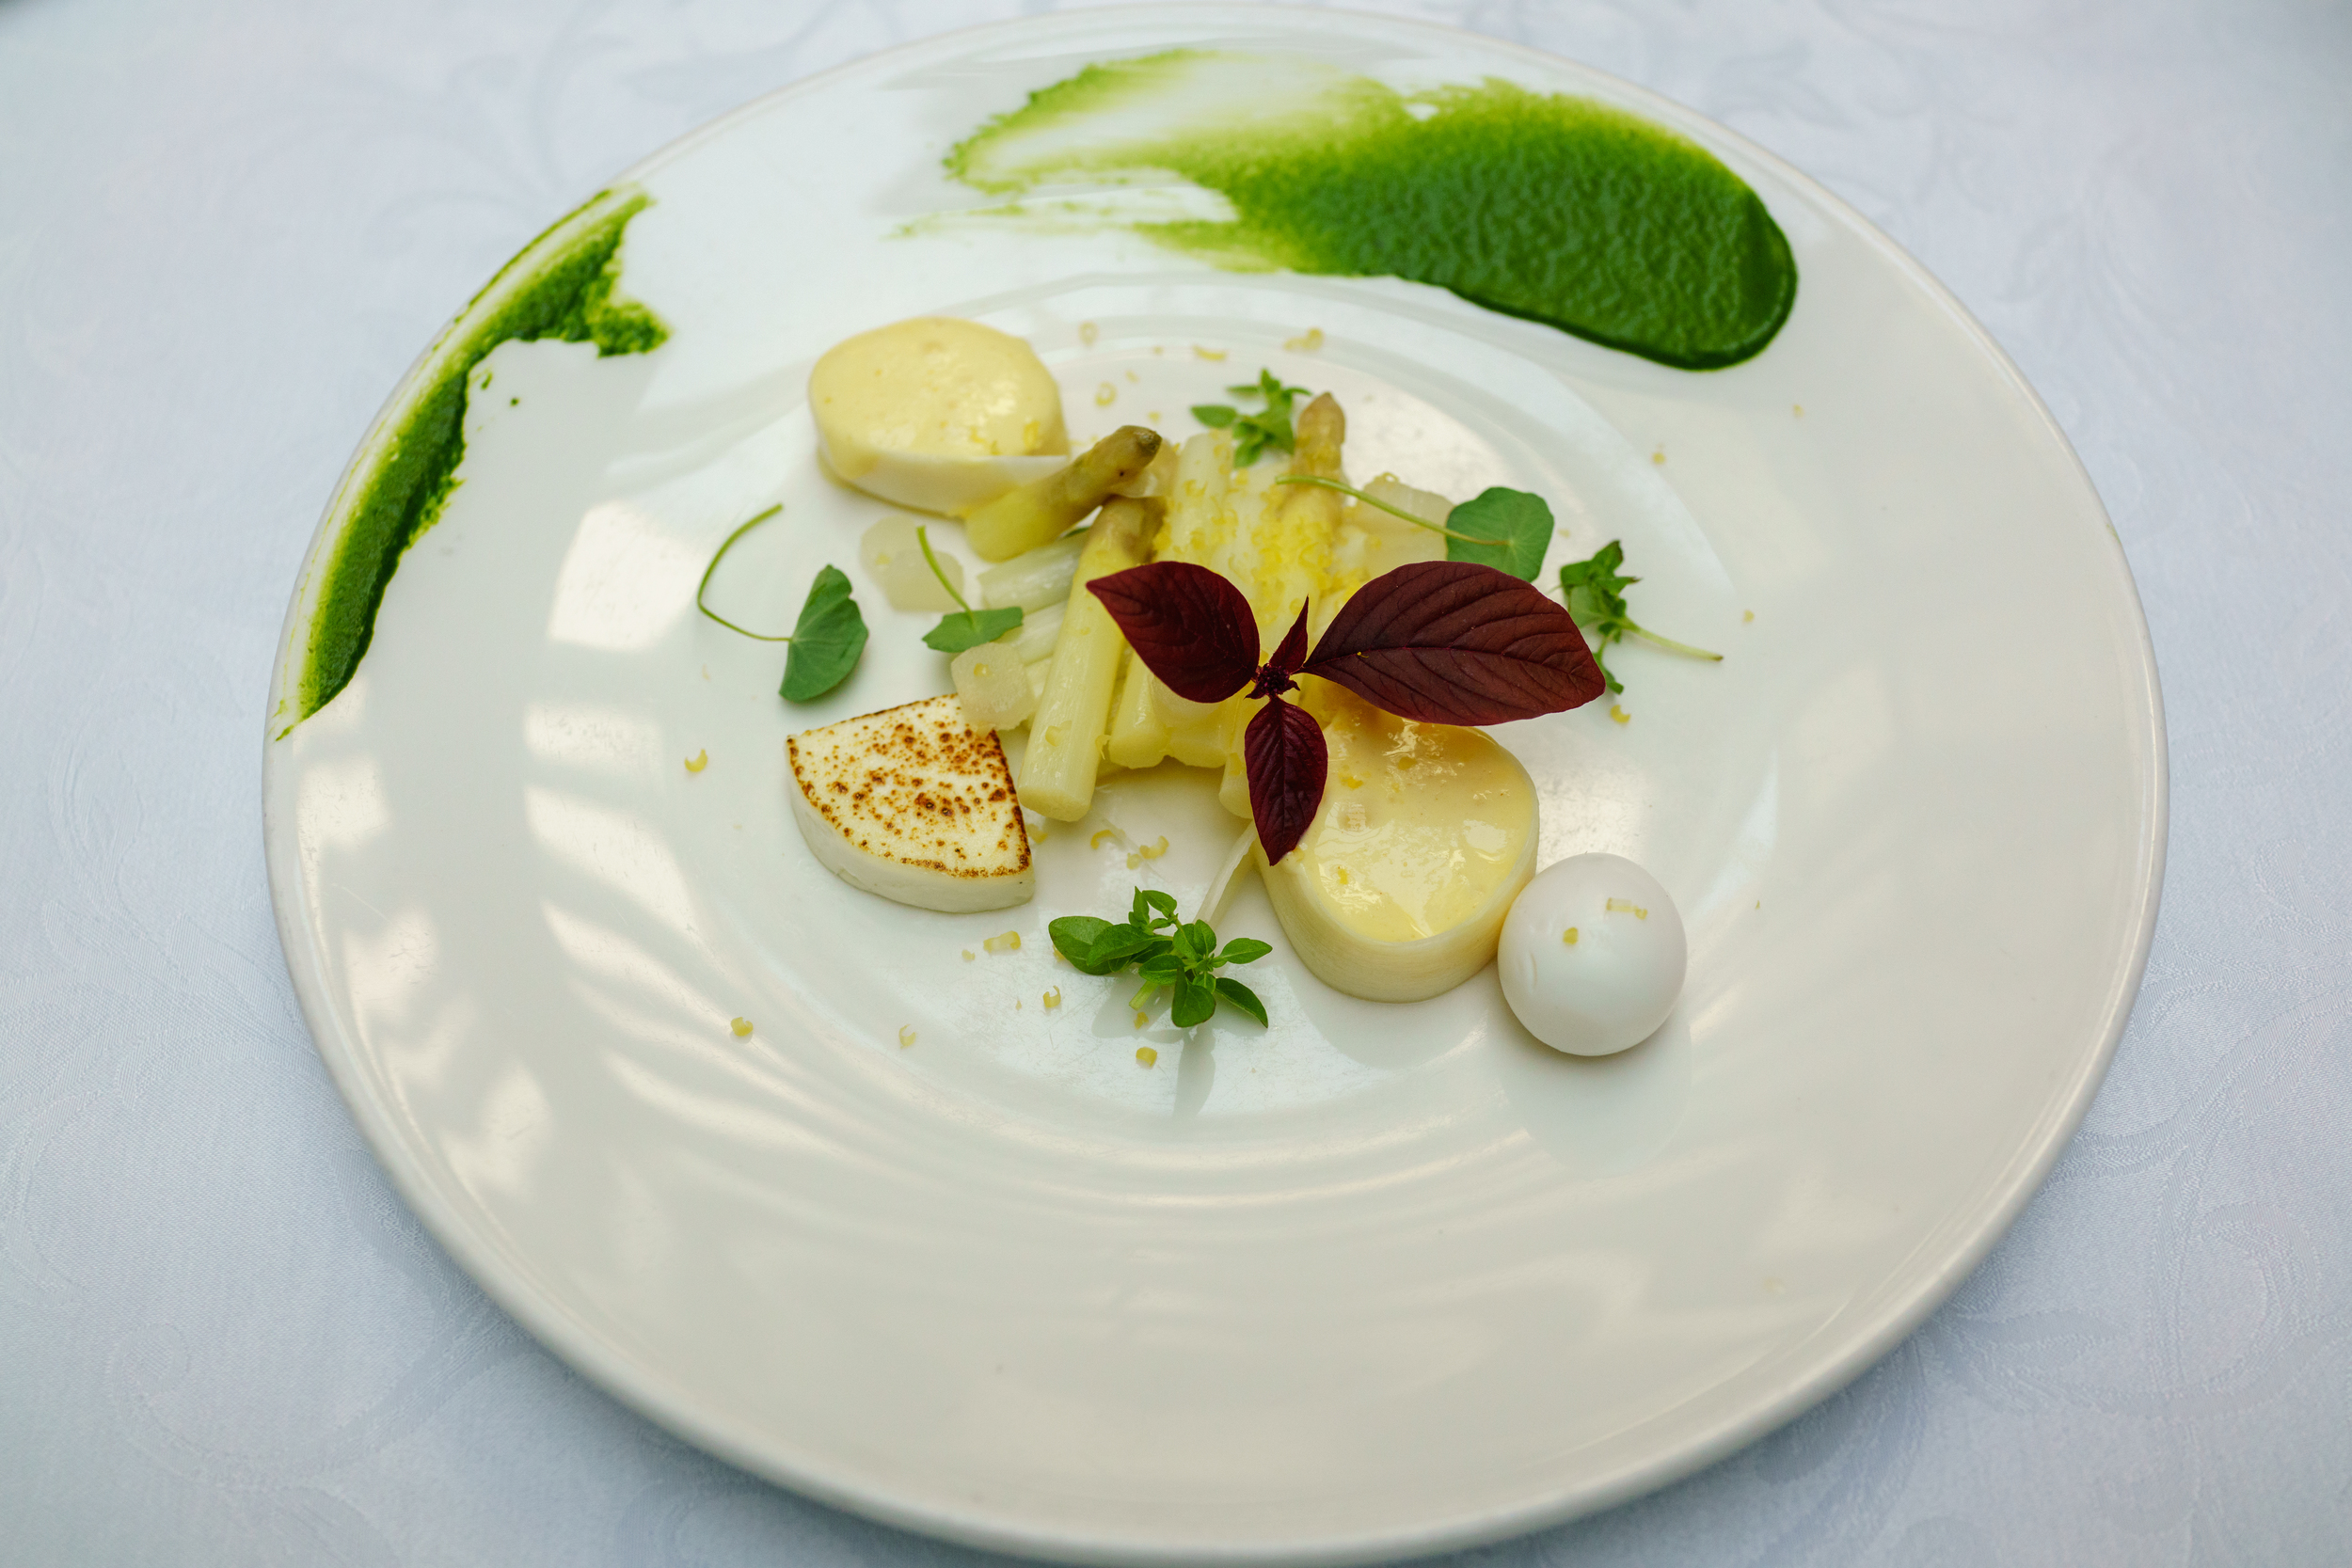 Poached asparagus with goat cheese and horseradish hollandaise, Restaurant Tchaikovsky, Tallinn